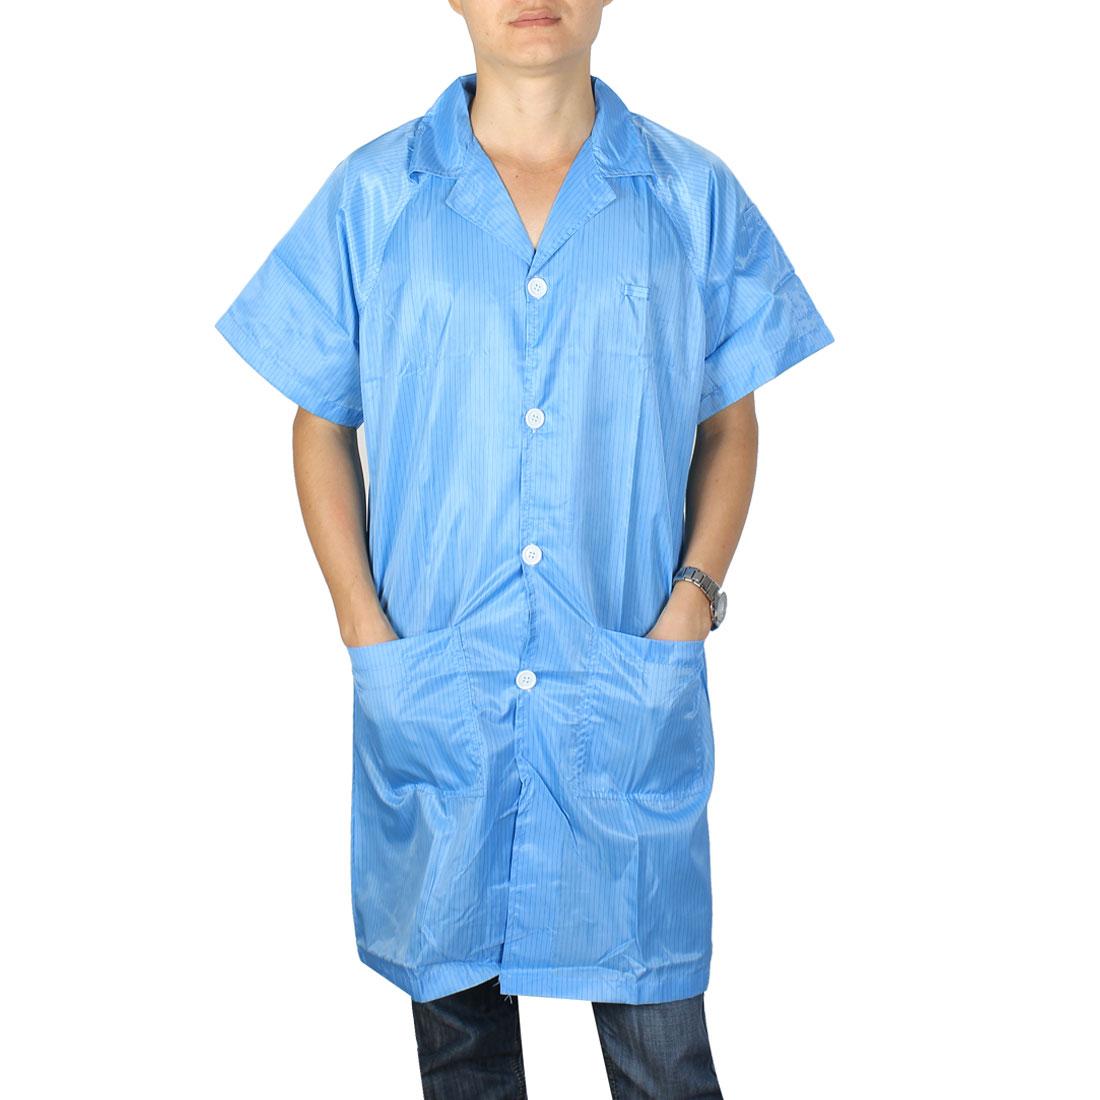 Unisex Lapel Collar Button Up ESD Lab Anti Static Overalls Coat Uniform Blue M